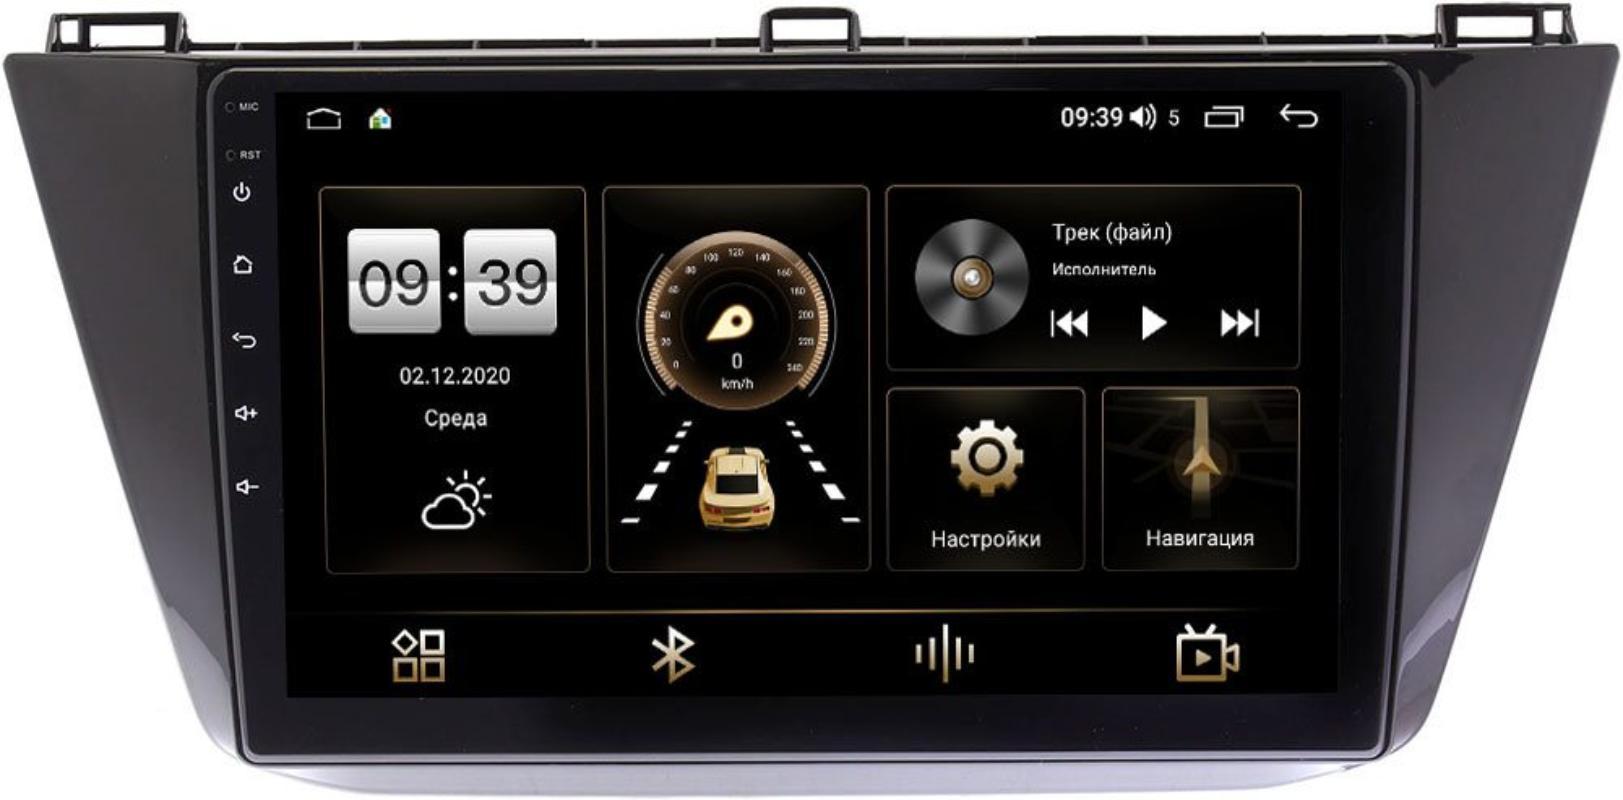 Штатная магнитола Volkswagen Tiguan 2016-2021 LeTrun 3799-10-1122 на Android 10 (4/64, DSP, QLed) (+ Камера заднего вида в подарок!)